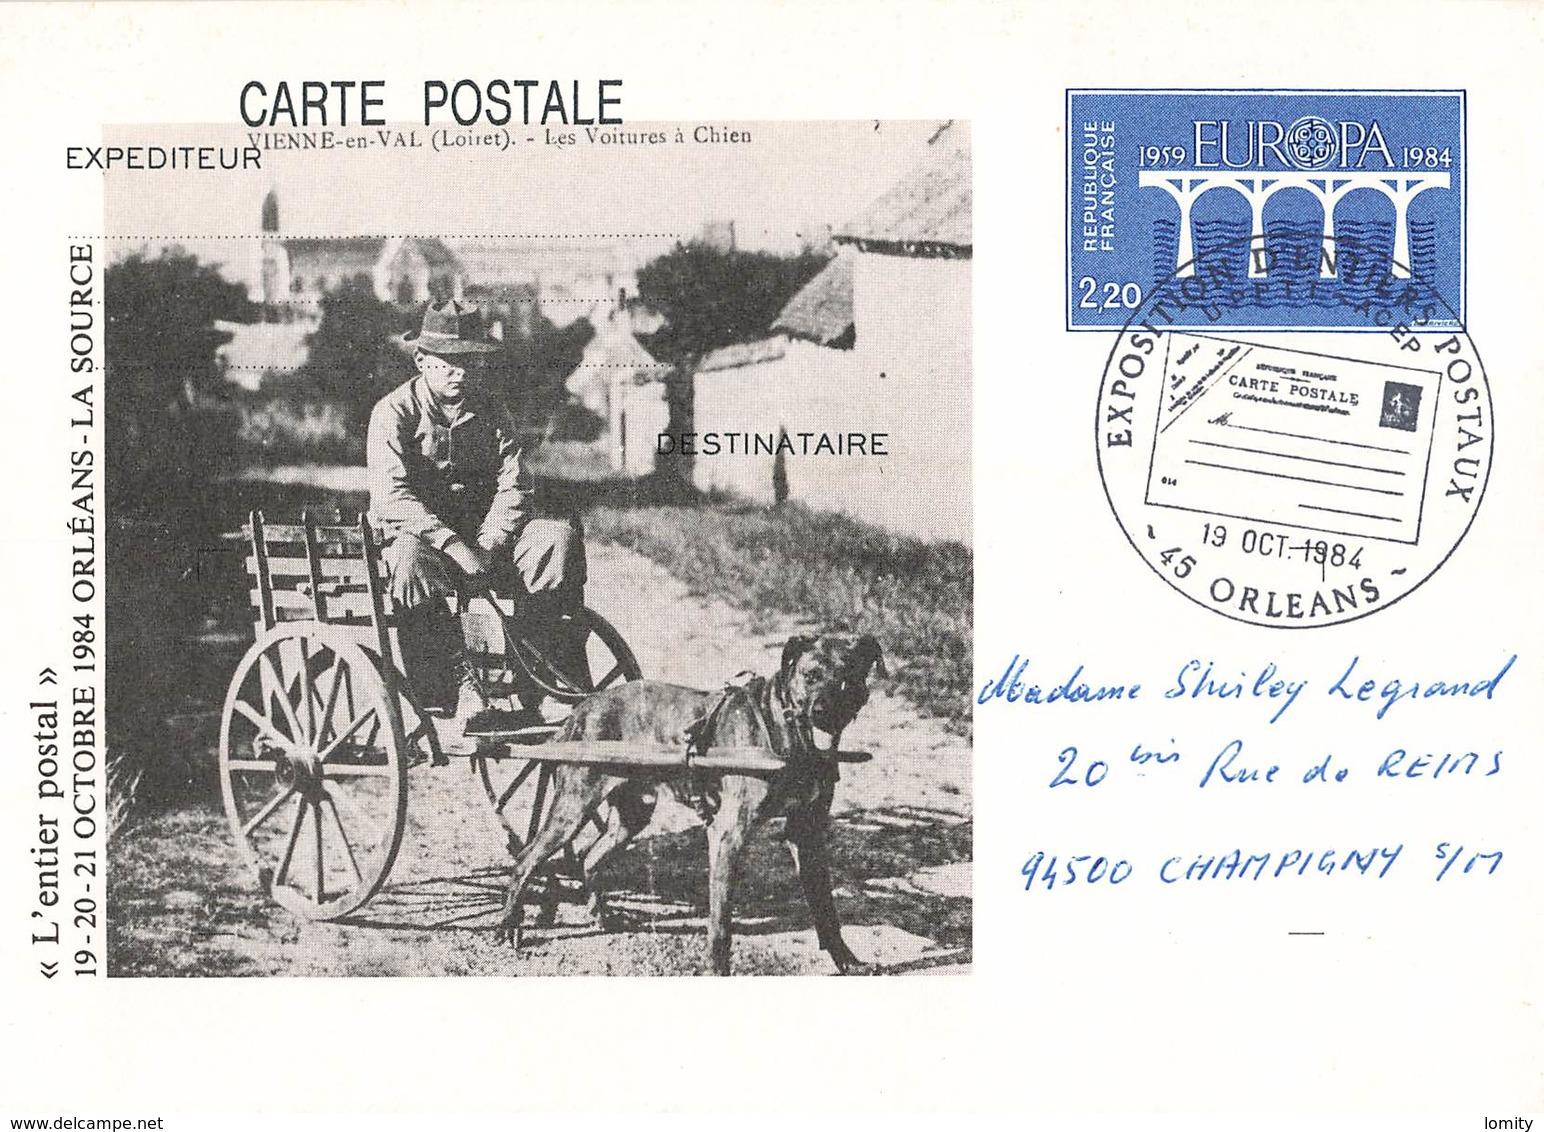 Entier Postal Orleans 1984 Exposition Entiers Postaux Voiture à Chien Vienne En Val  Cachet De L' Exposition - Standard Postcards & Stamped On Demand (before 1995)